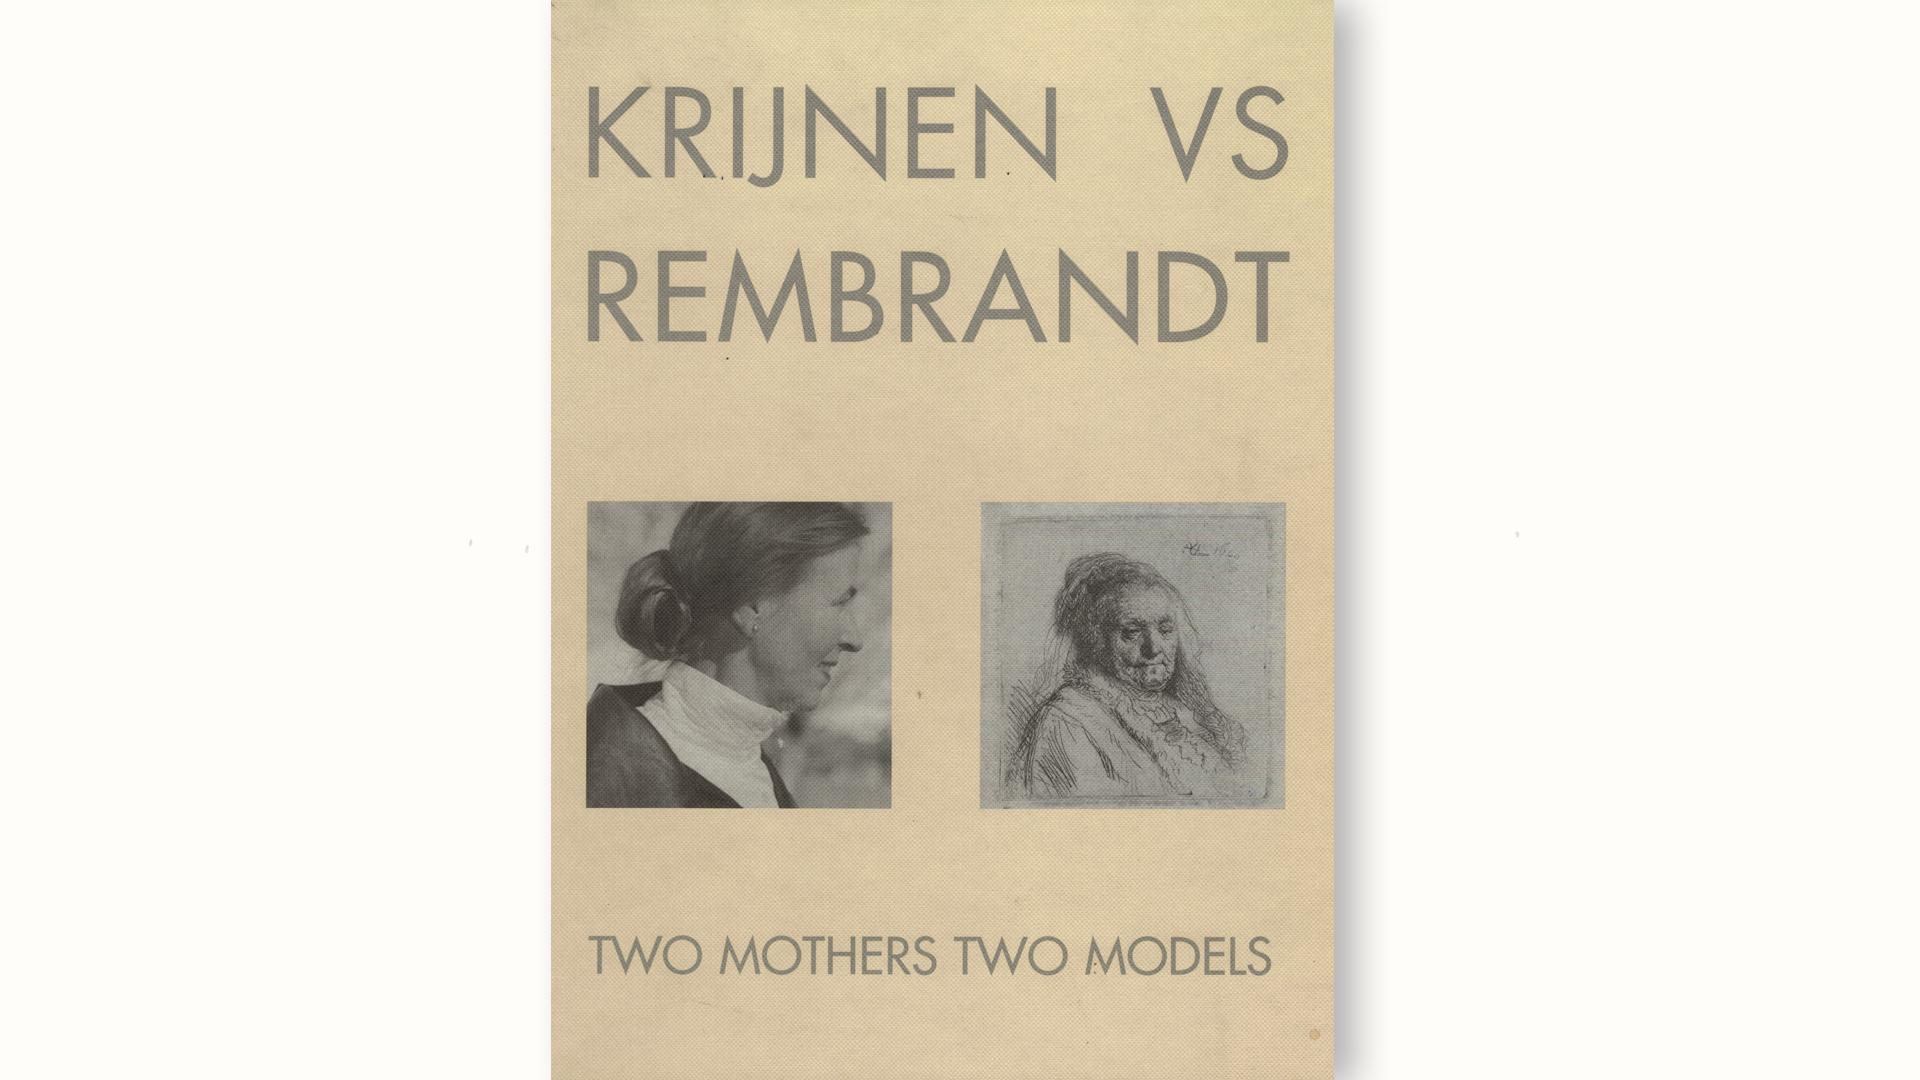 boekomslag krijnen vs rembrandt